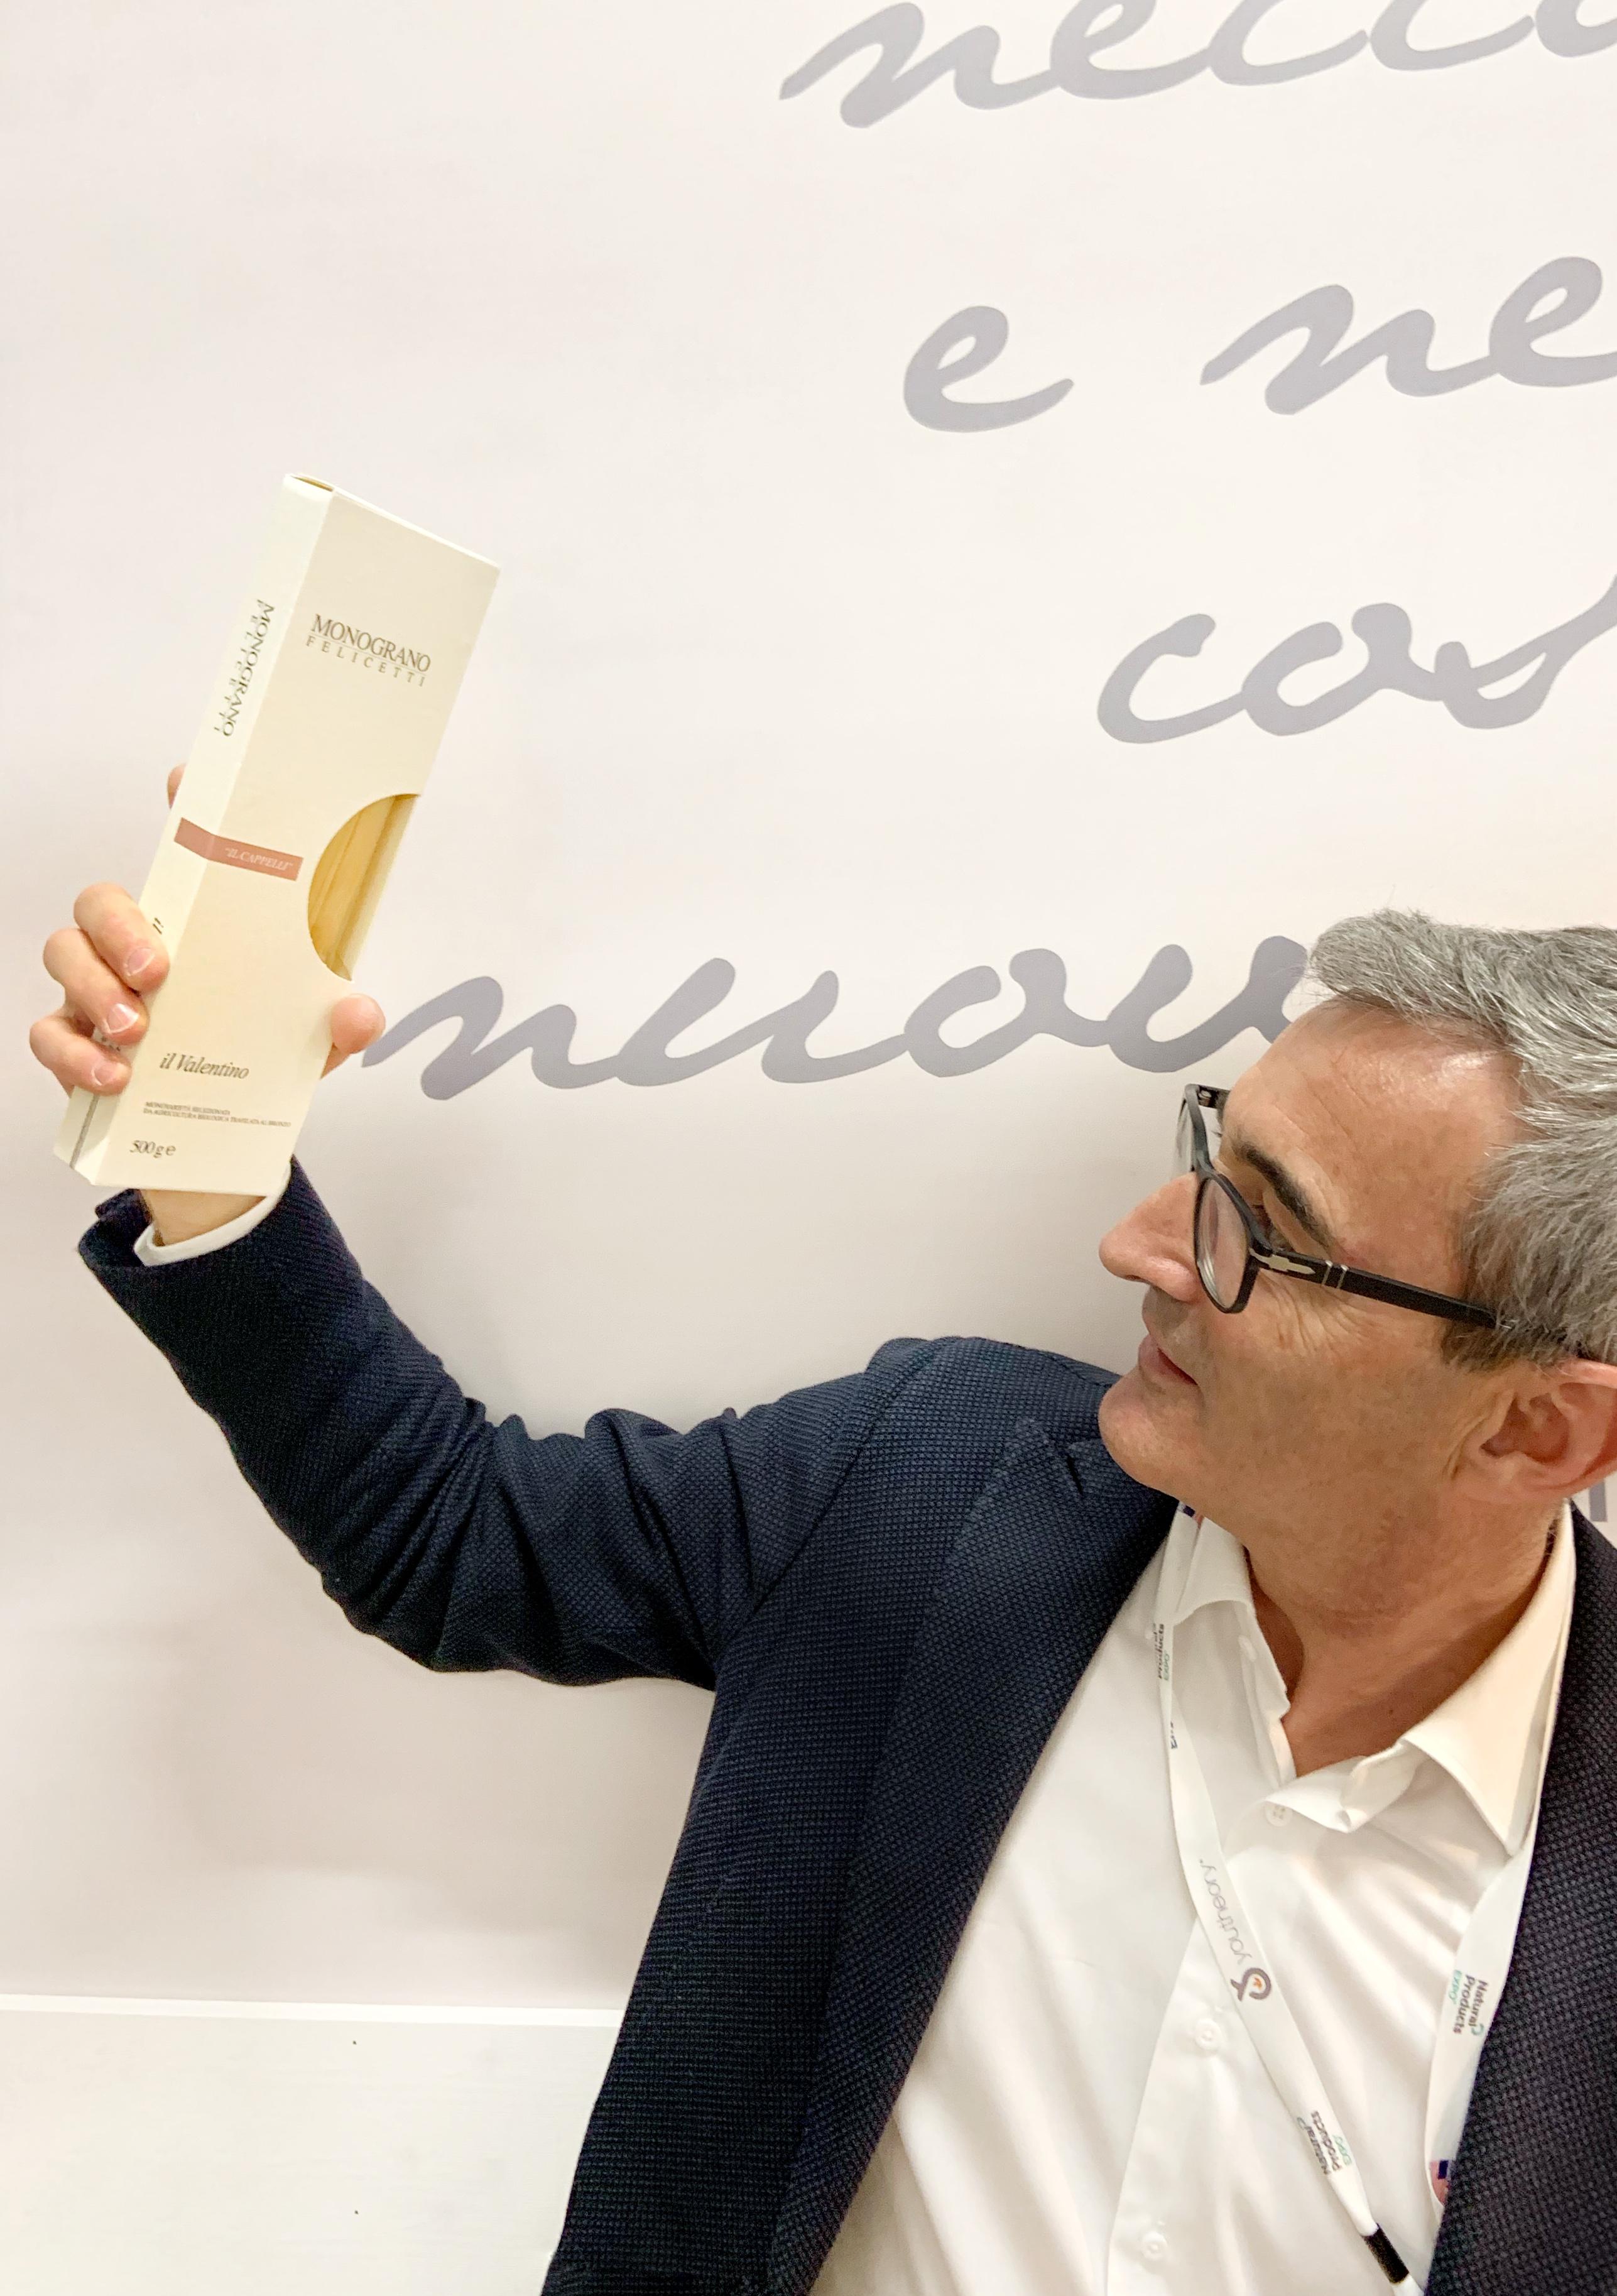 Riccardo Felicetti e Il Valentino, il nuovo formato di pasta della linea Monograno Felicetti | © Sandra Longinotti